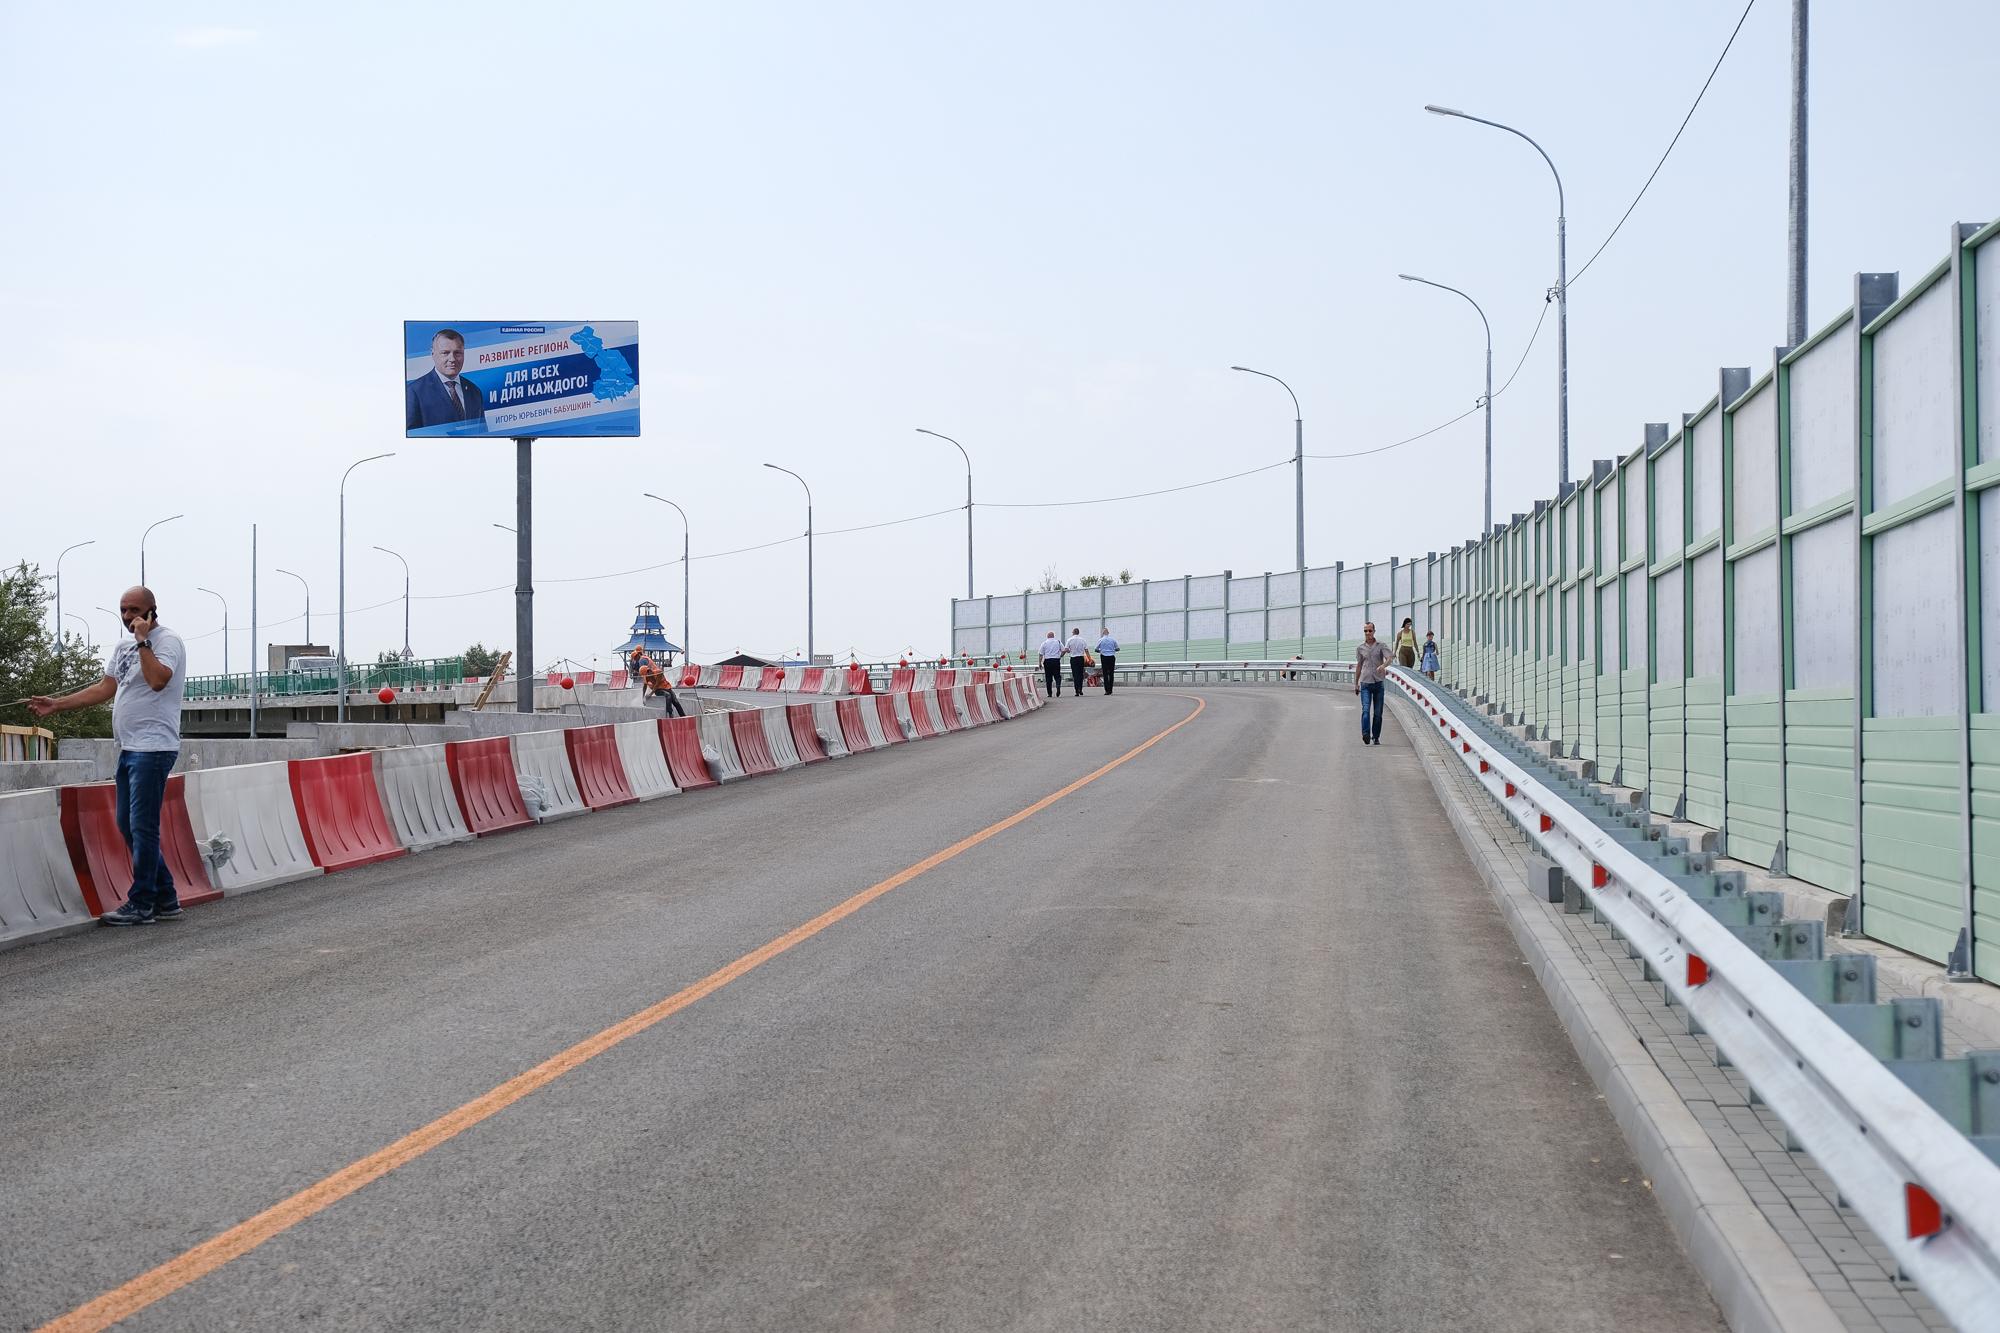 мост в Астрахани. Открытие после капитального ремонта. 28.08.2021 г 13 Милицейский мост в Астрахани «познакомился» с автомобилем губернатора